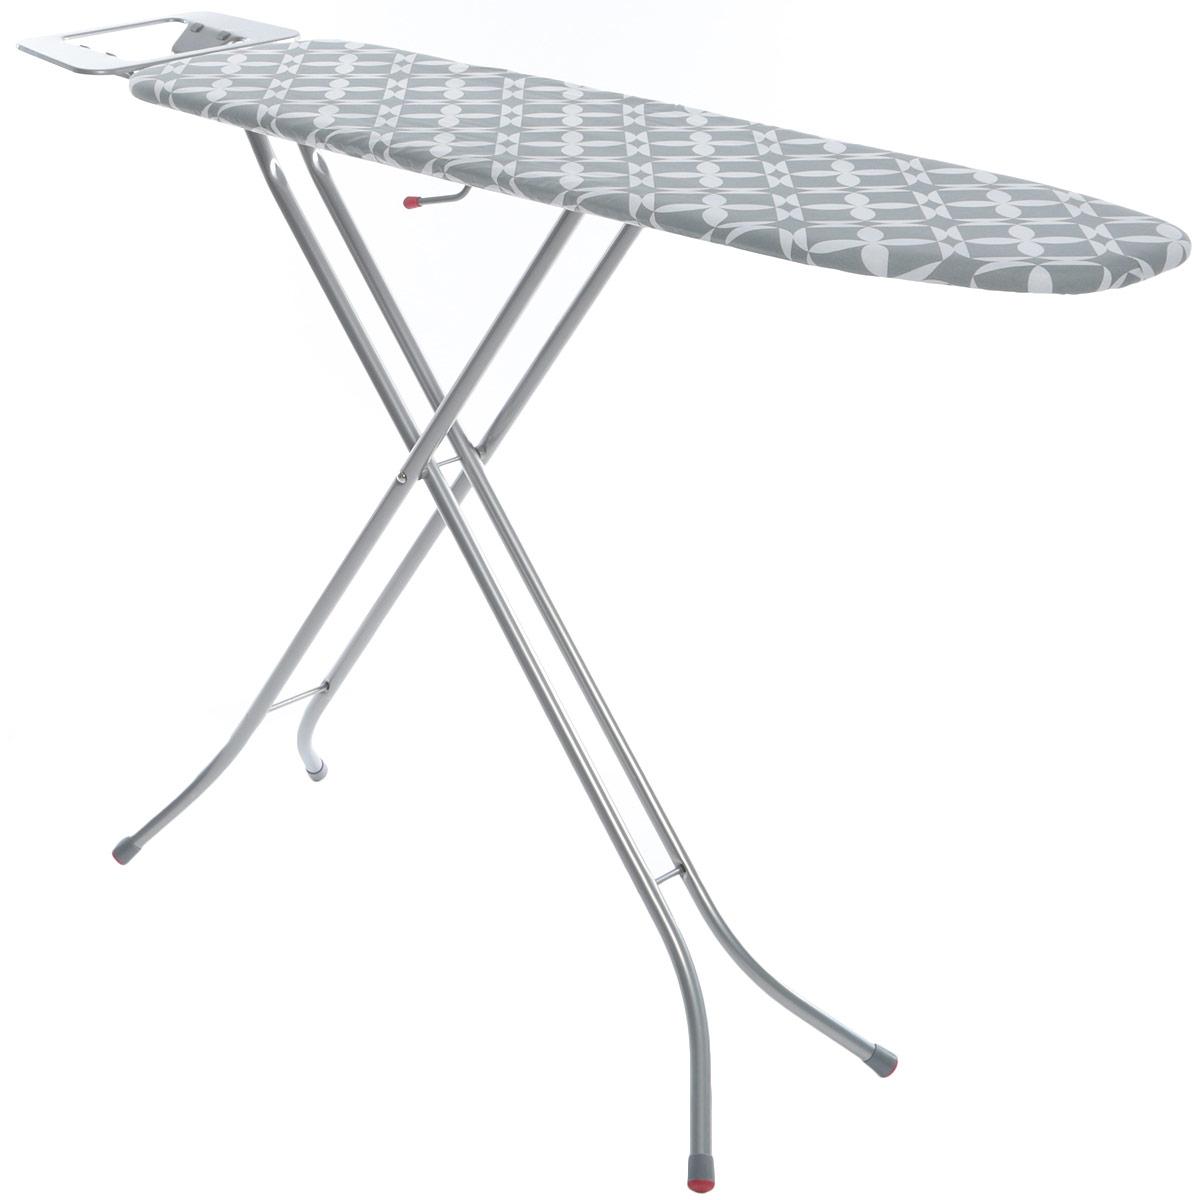 Доска гладильная Eurogold Basic, 110 x 30 см практический торт плавная sharp top кромкообрезная декорирование diy инструмента поставка нового